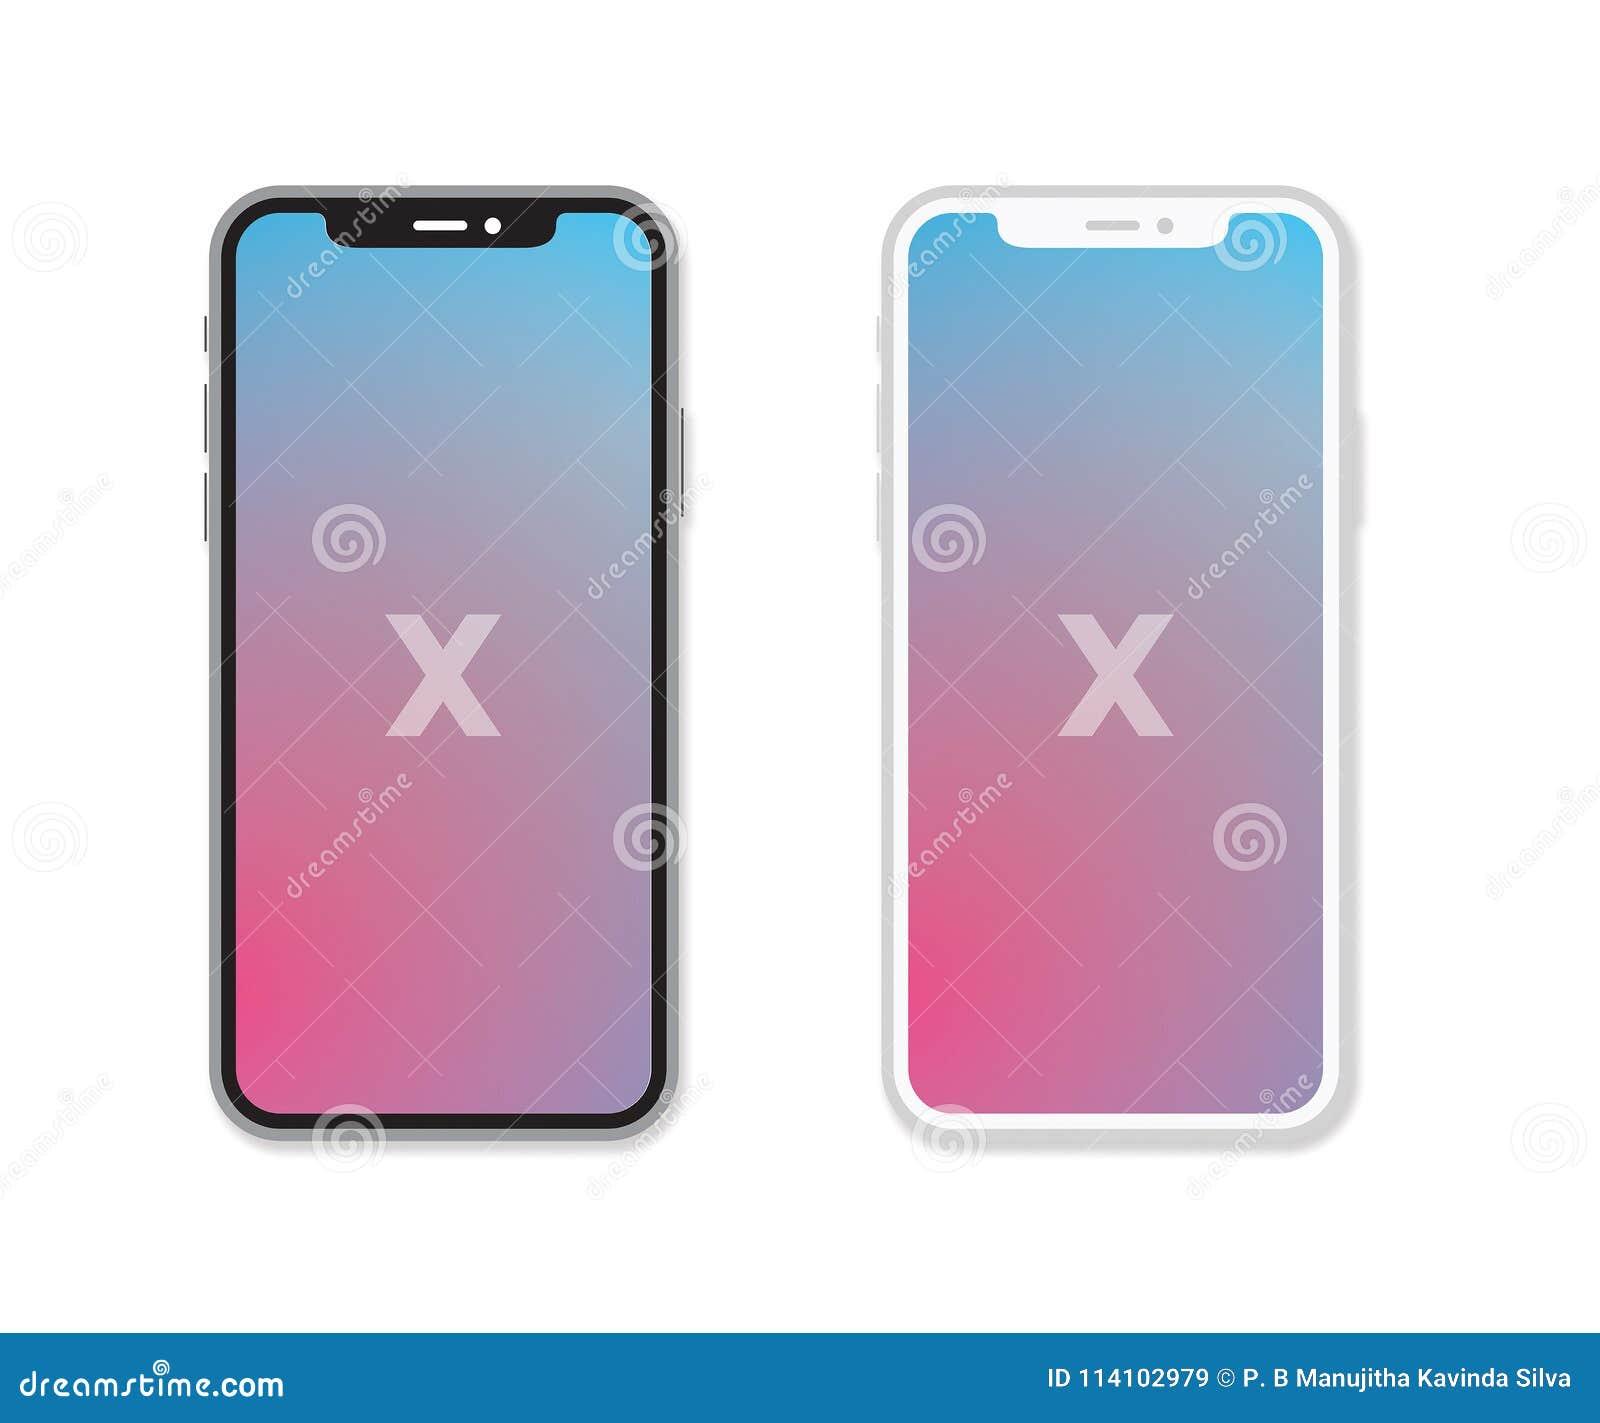 Vektor-schwarze u. weiße Versionen Apples IPhone X